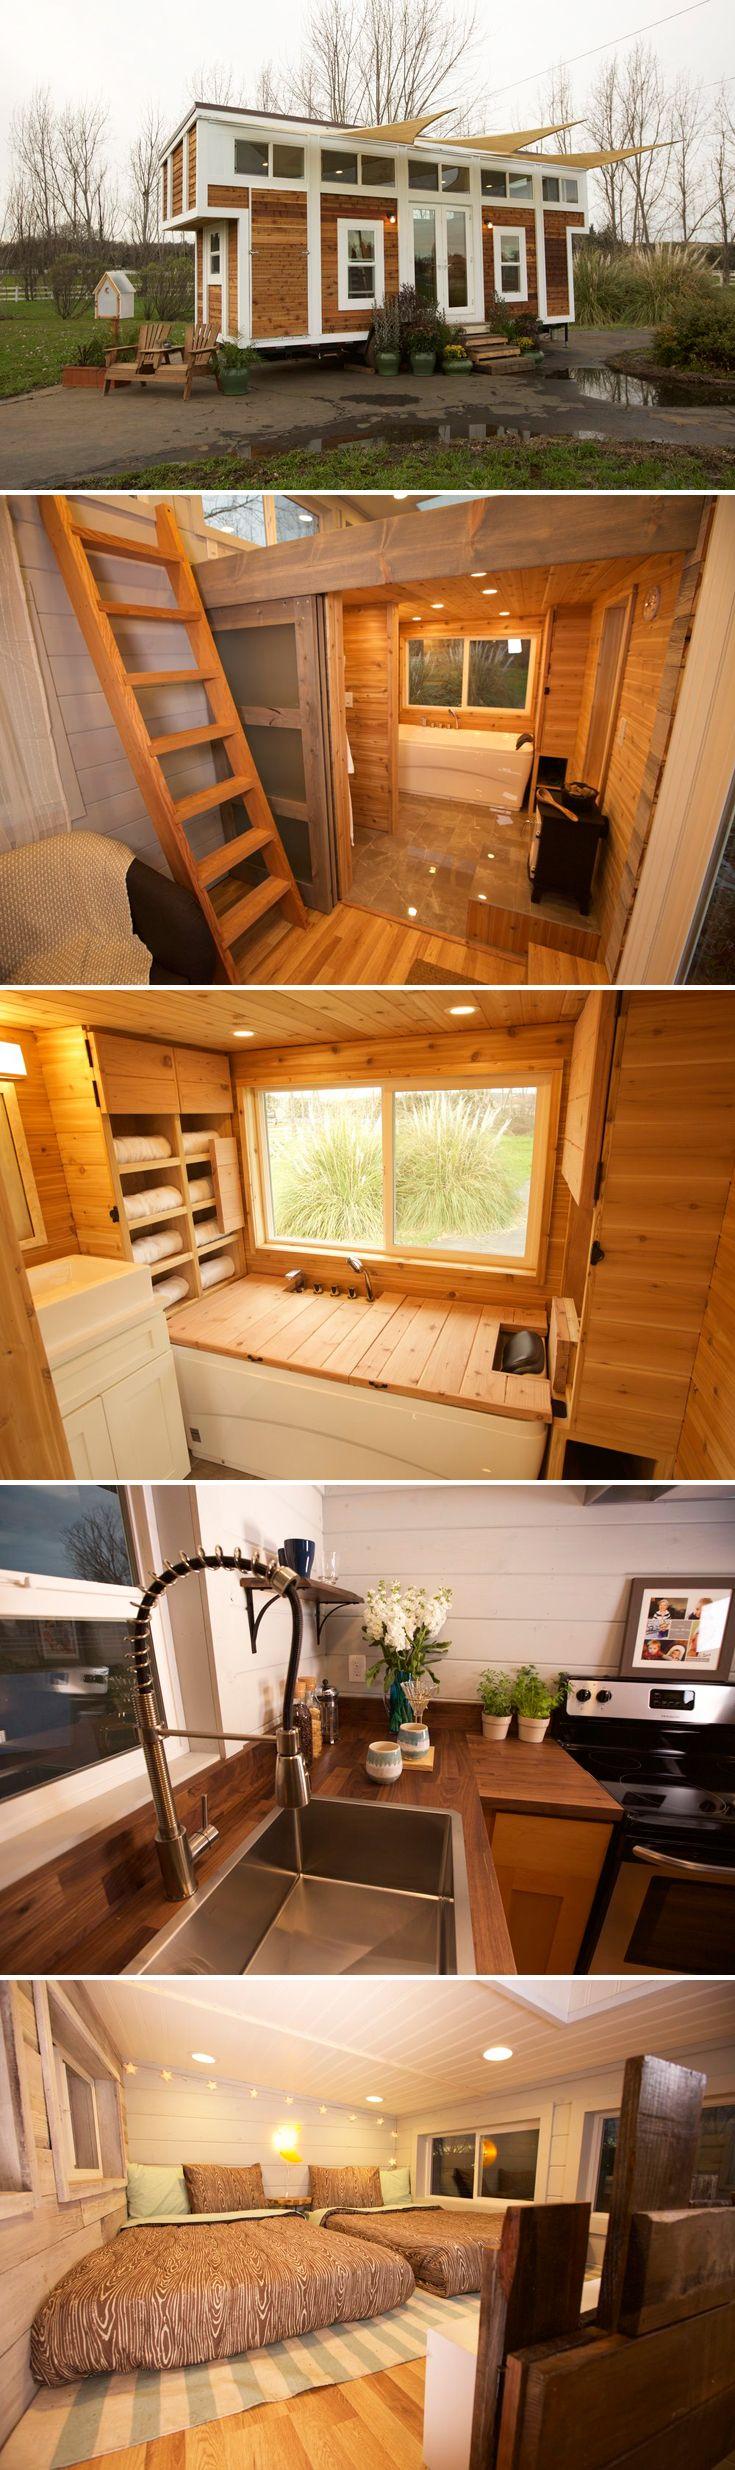 Tiny Tech-Free Retreat | kleines Häuschen, zukünftiges Haus und Bauwagen